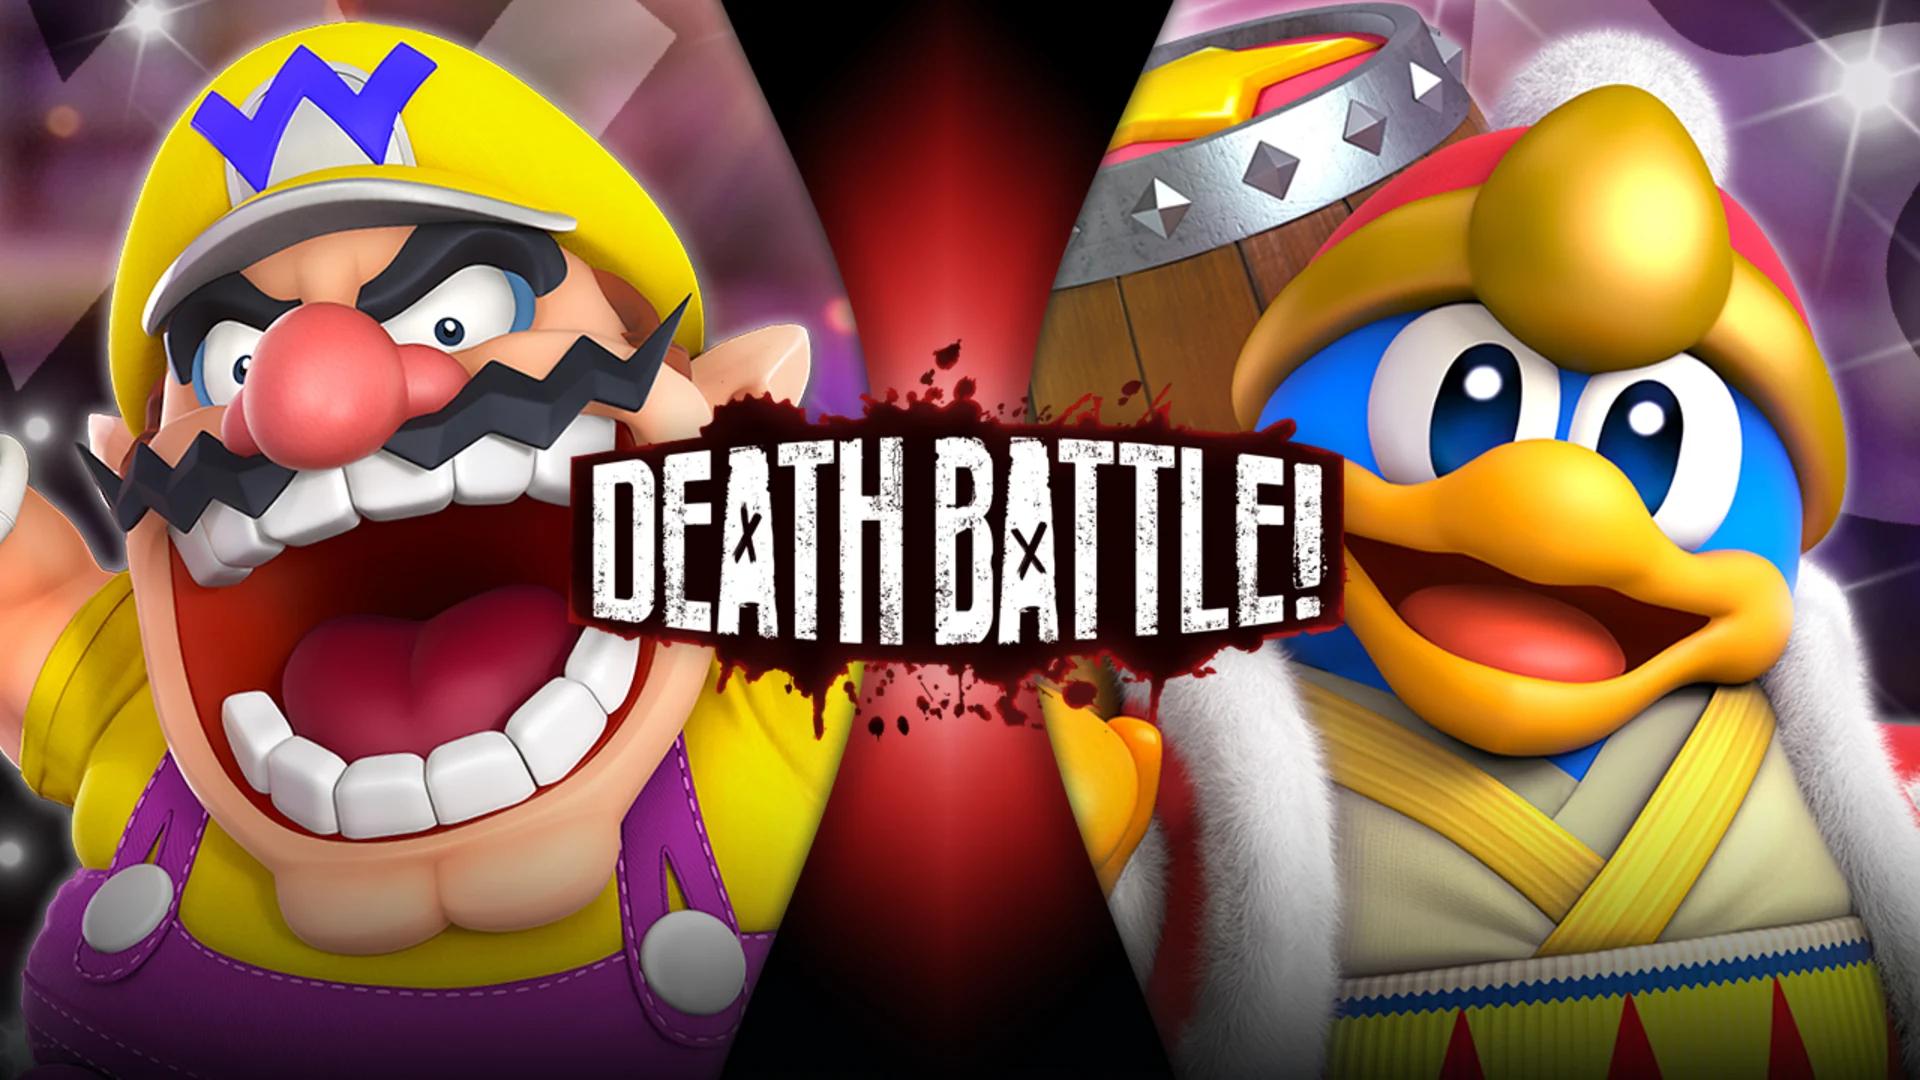 Wario Vs King Dedede Death Battle Wiki Fandom Powered By Wikia